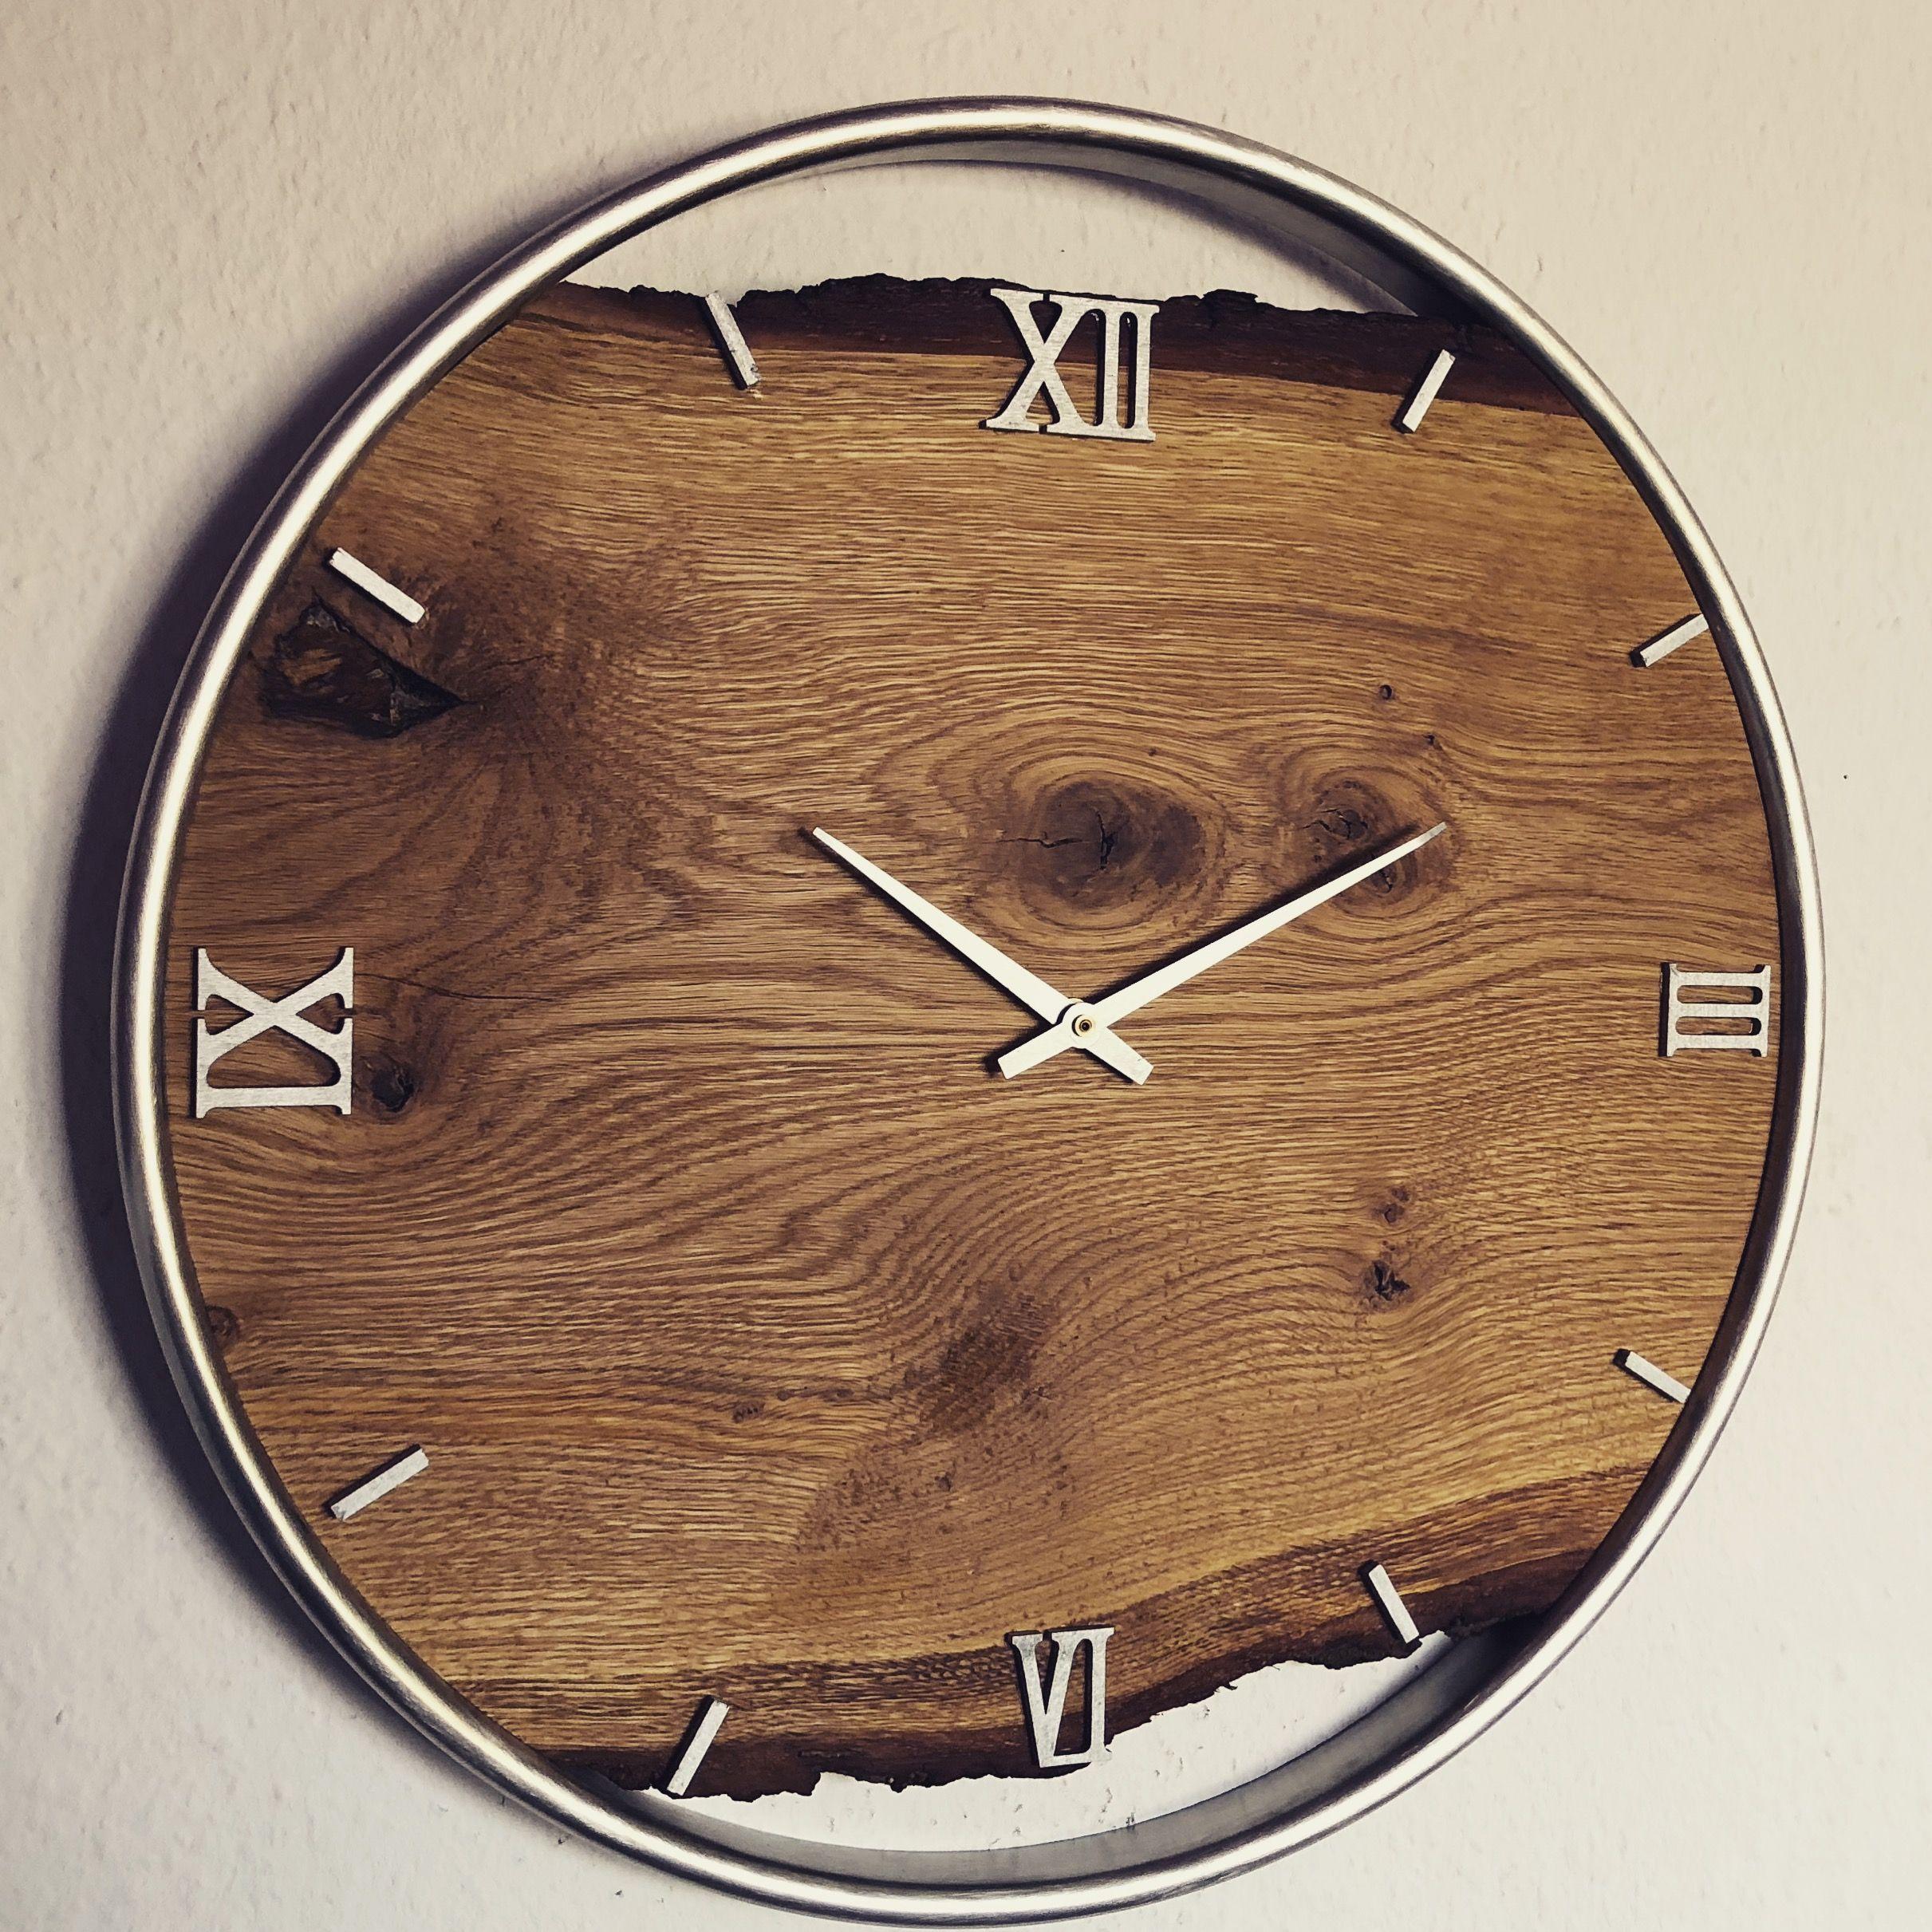 Pin von Sir Joel auf Clocks in 2019 | Wanduhr holz ...